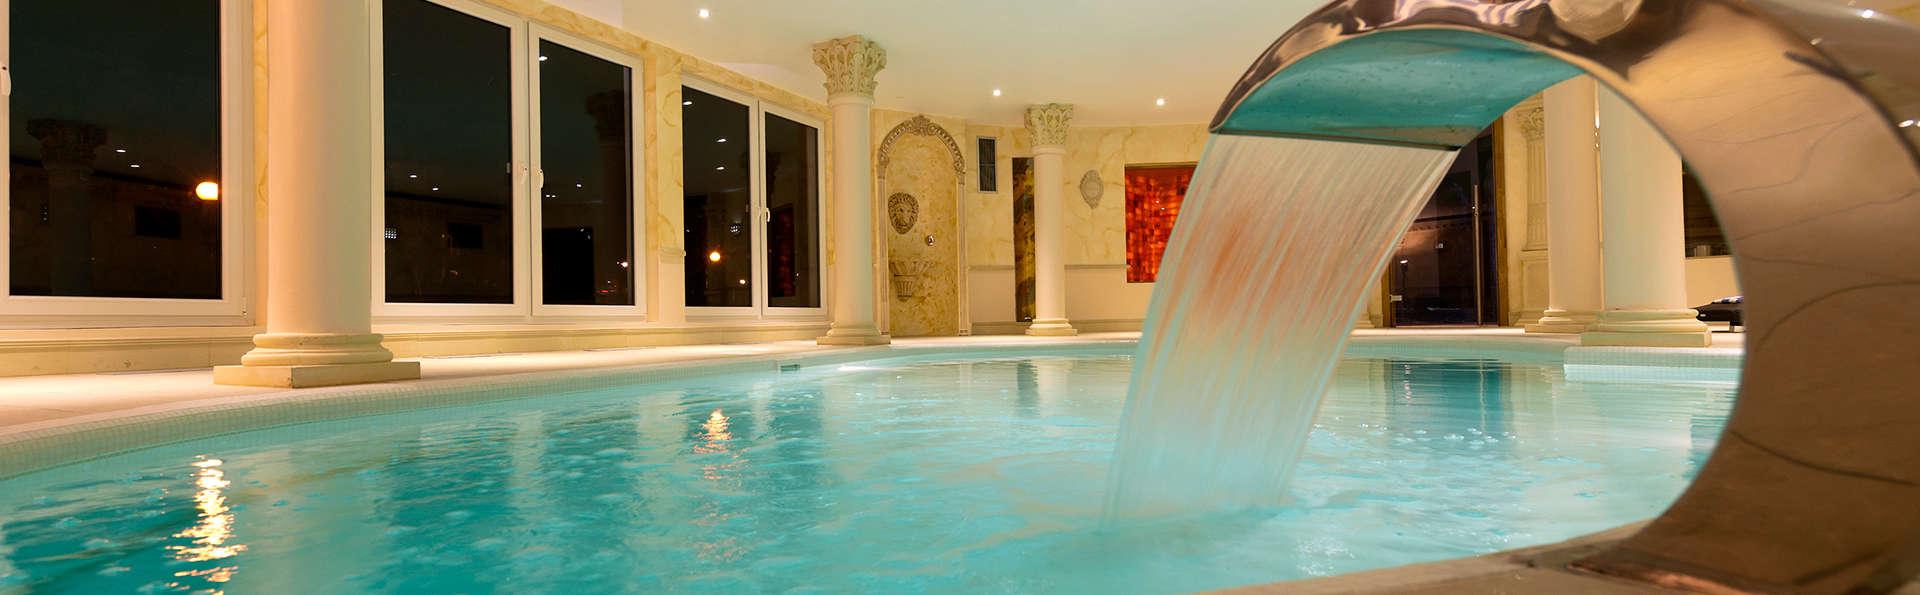 Hôtel du Parc Spa & Wellness - Niederbronn - EDIT_spa3.jpg